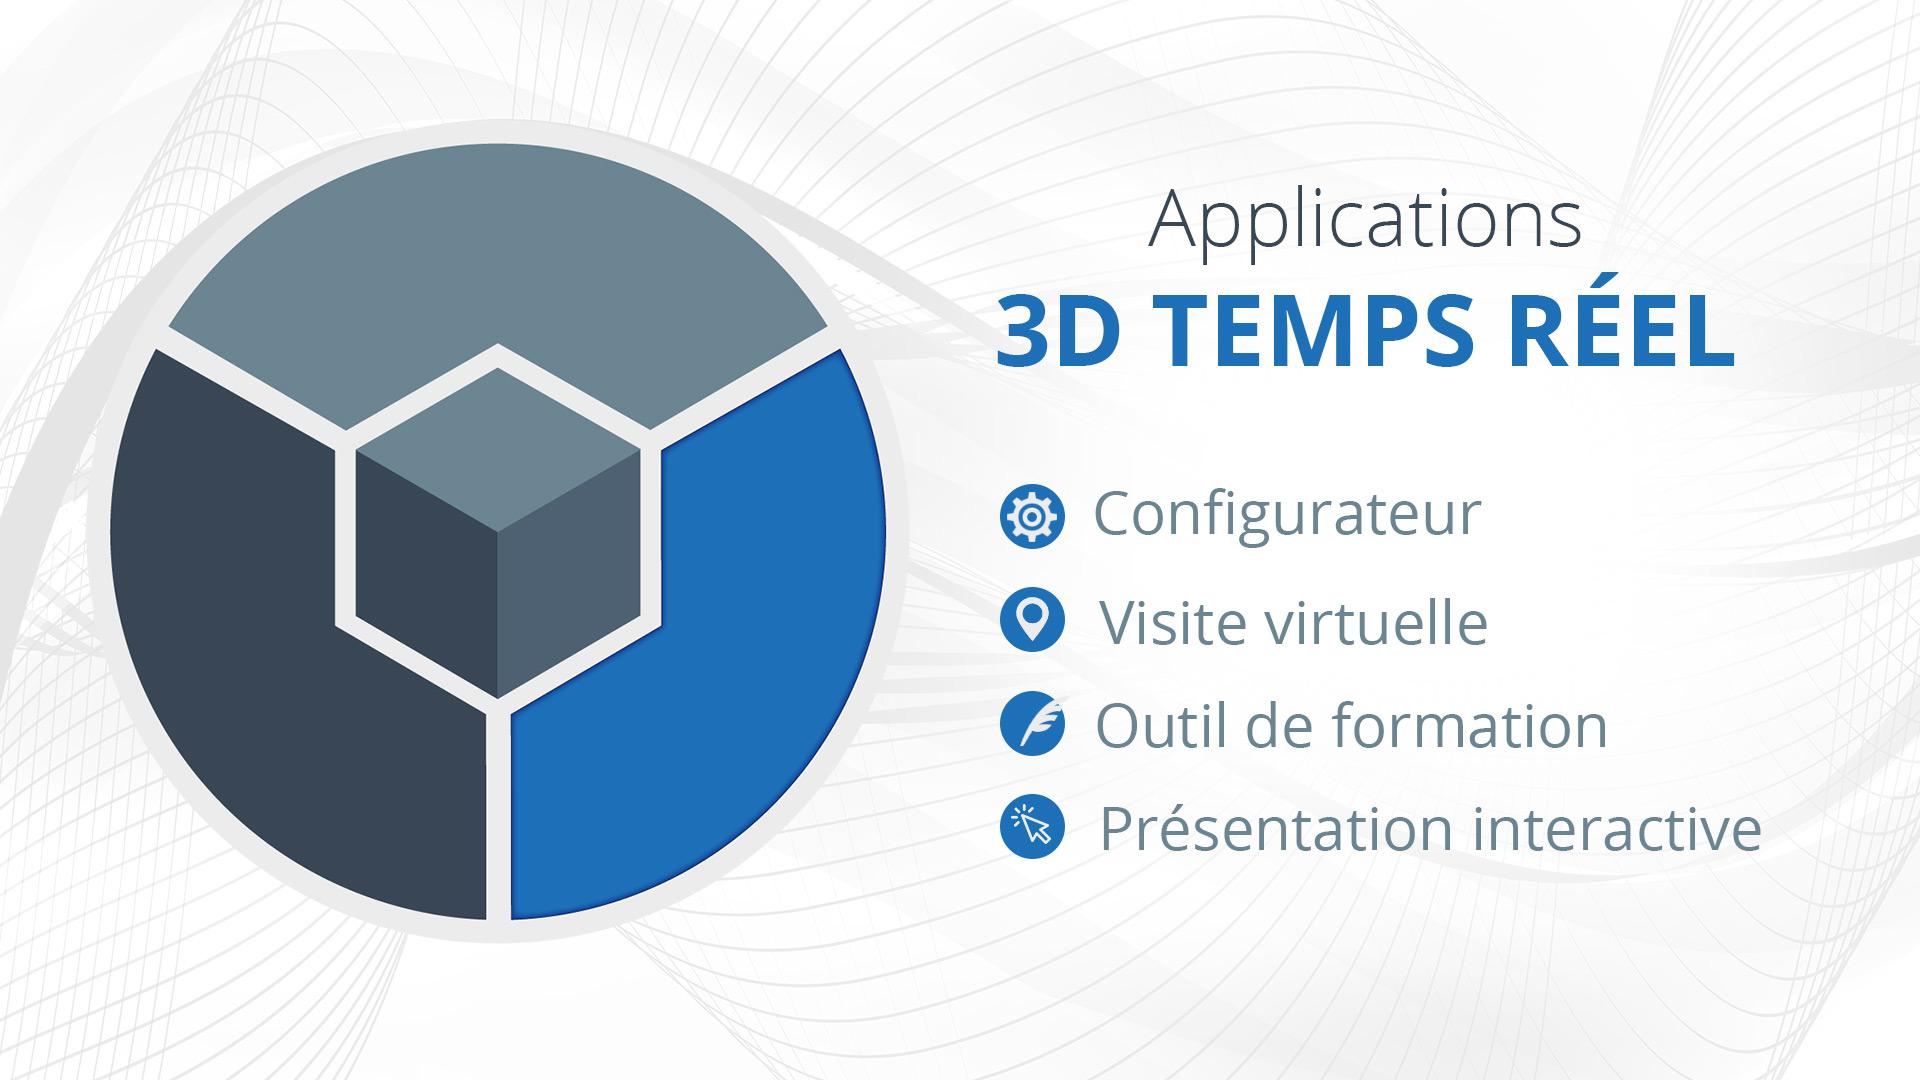 Les applications 3D temps réel possible sur Stadia ?